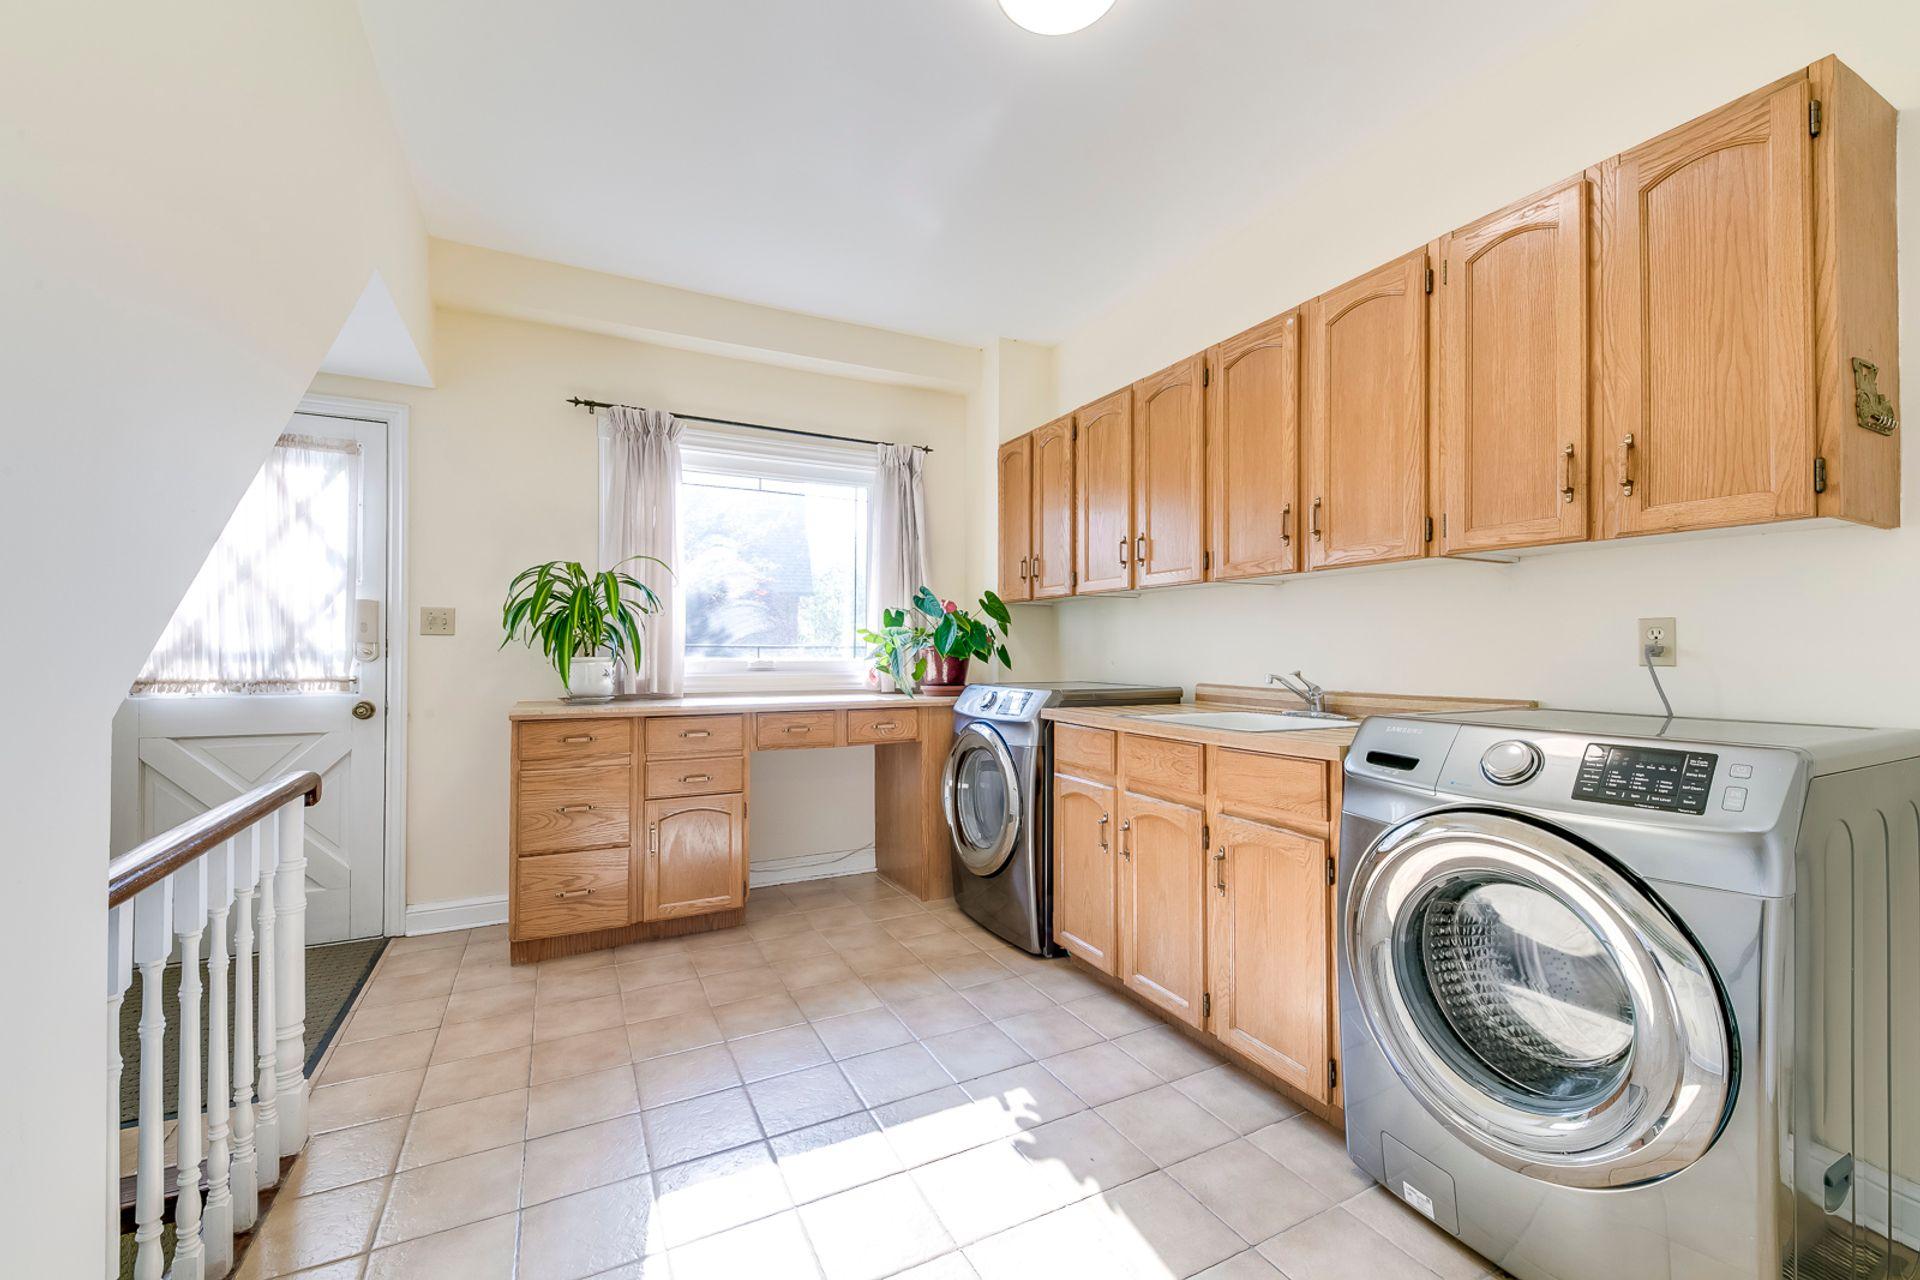 Laundry Room - 2421 Jarvis St, Mississauga - Elite3 & Team at 2421 Jarvis Street, Airport Corporate, Mississauga